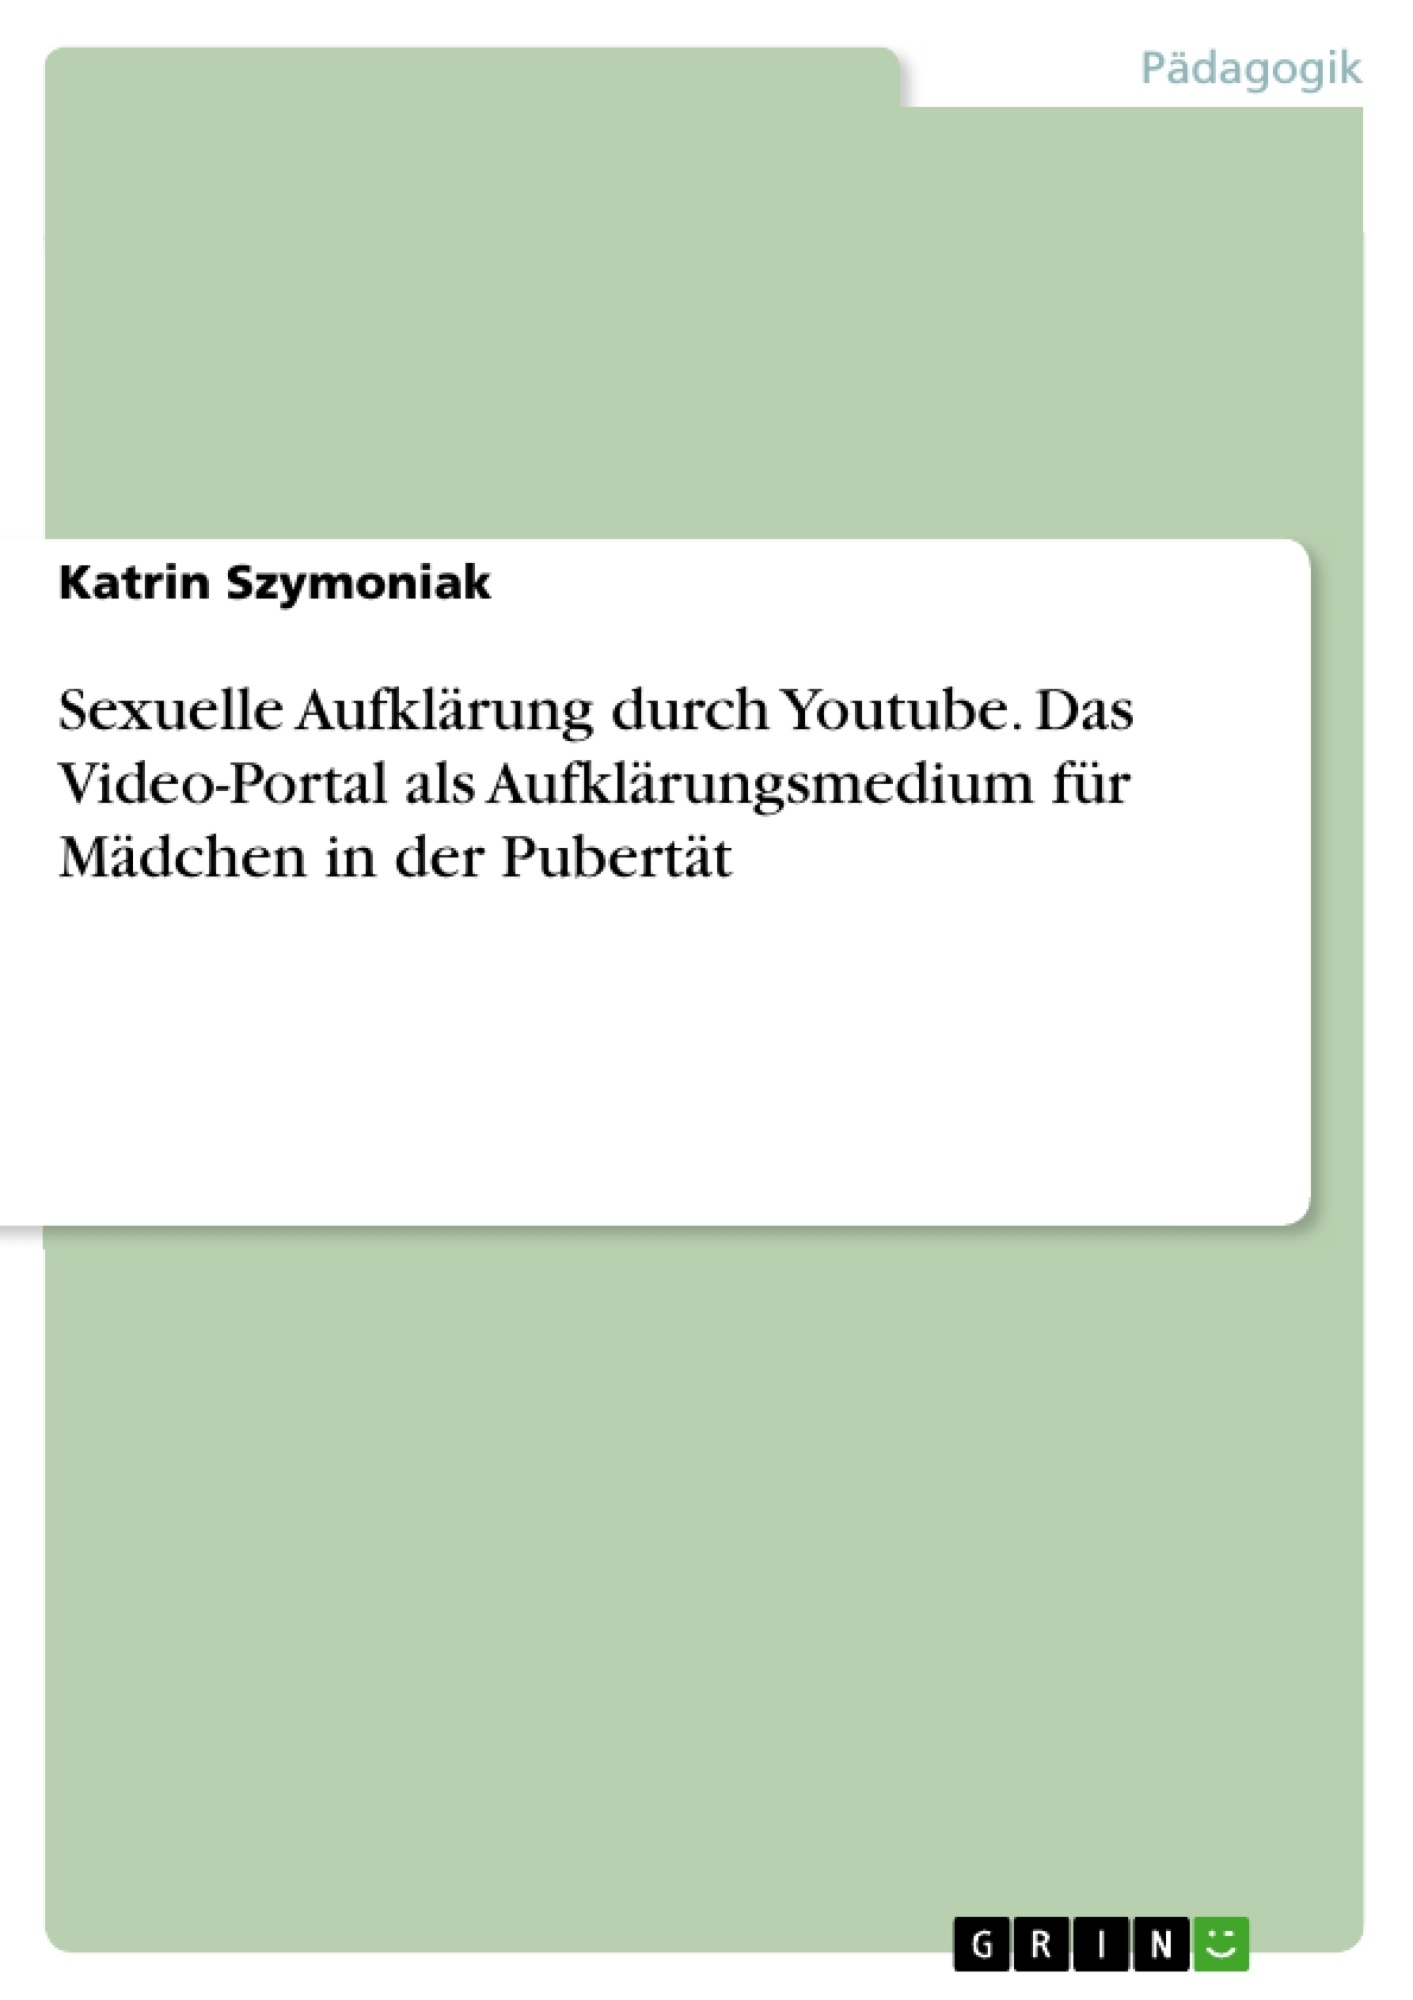 Titel: Sexuelle Aufklärung durch Youtube. Das Video-Portal als Aufklärungsmedium für Mädchen in der Pubertät